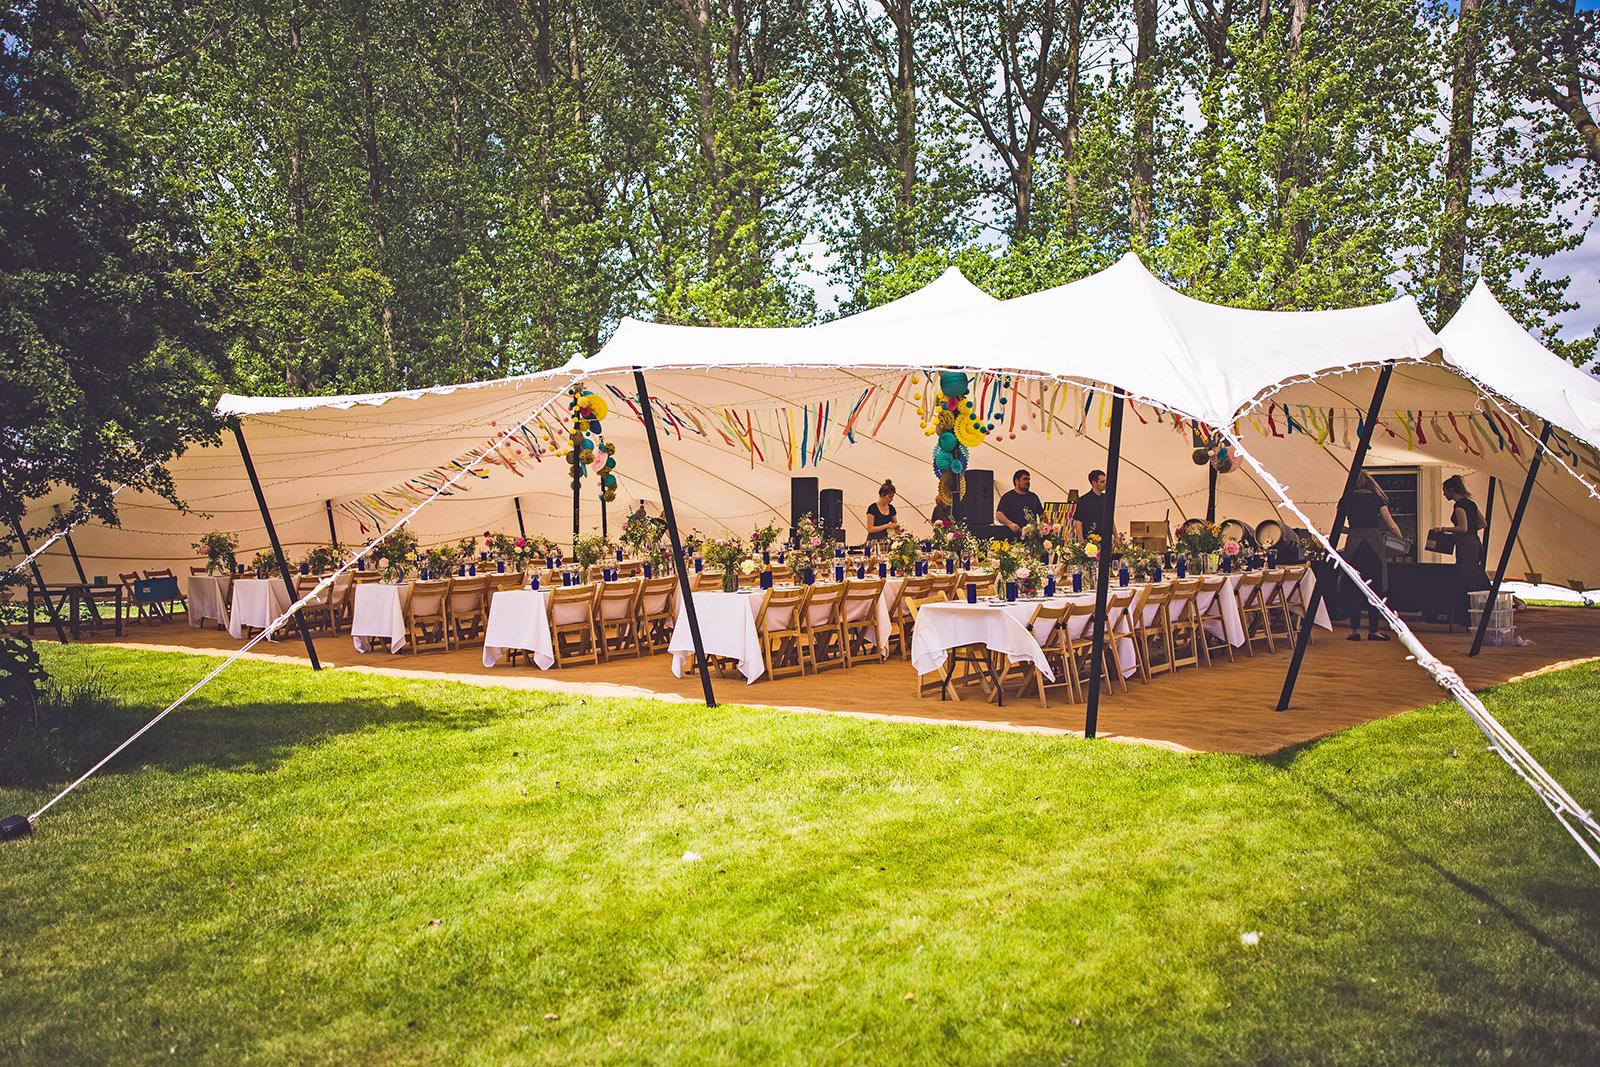 luxury wedding tent hire